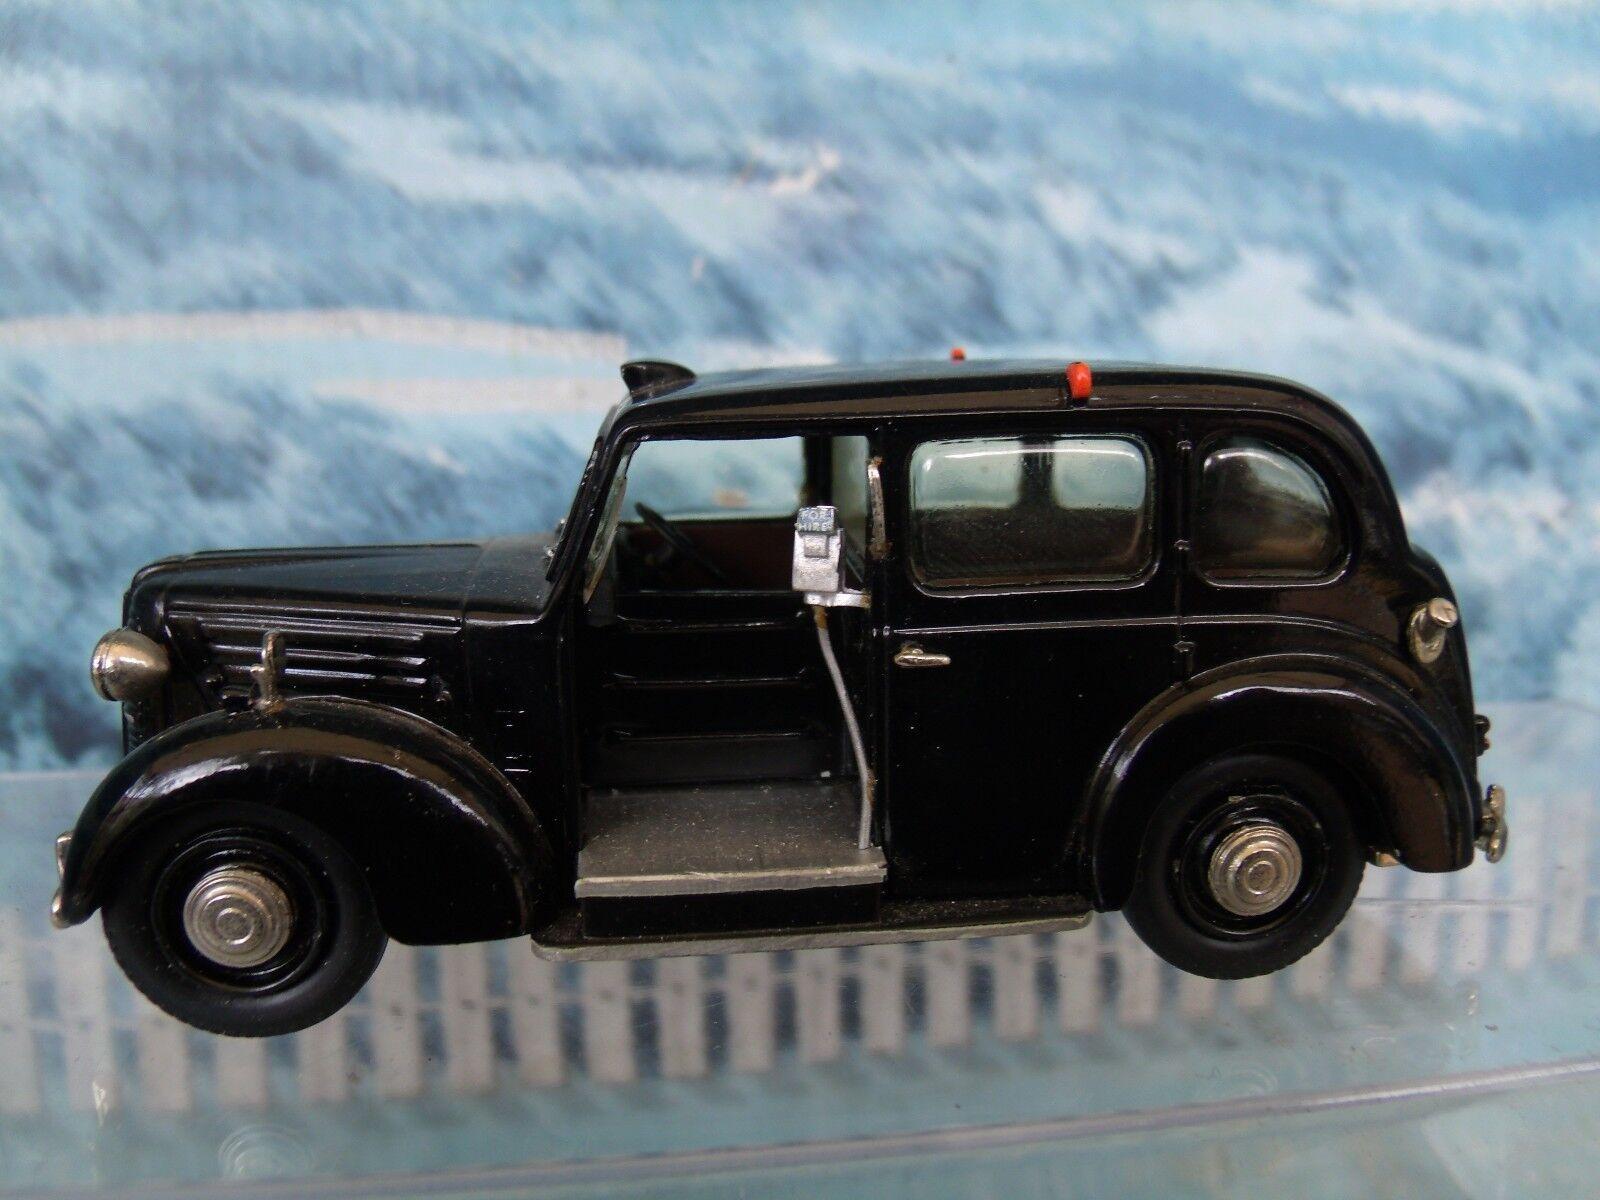 presentando toda la última moda de la calle 1 43 SMTS (Inglaterra) Austin Austin Austin FX3 Taxi Cab De Metal blancoo  Envio gratis en todas las ordenes